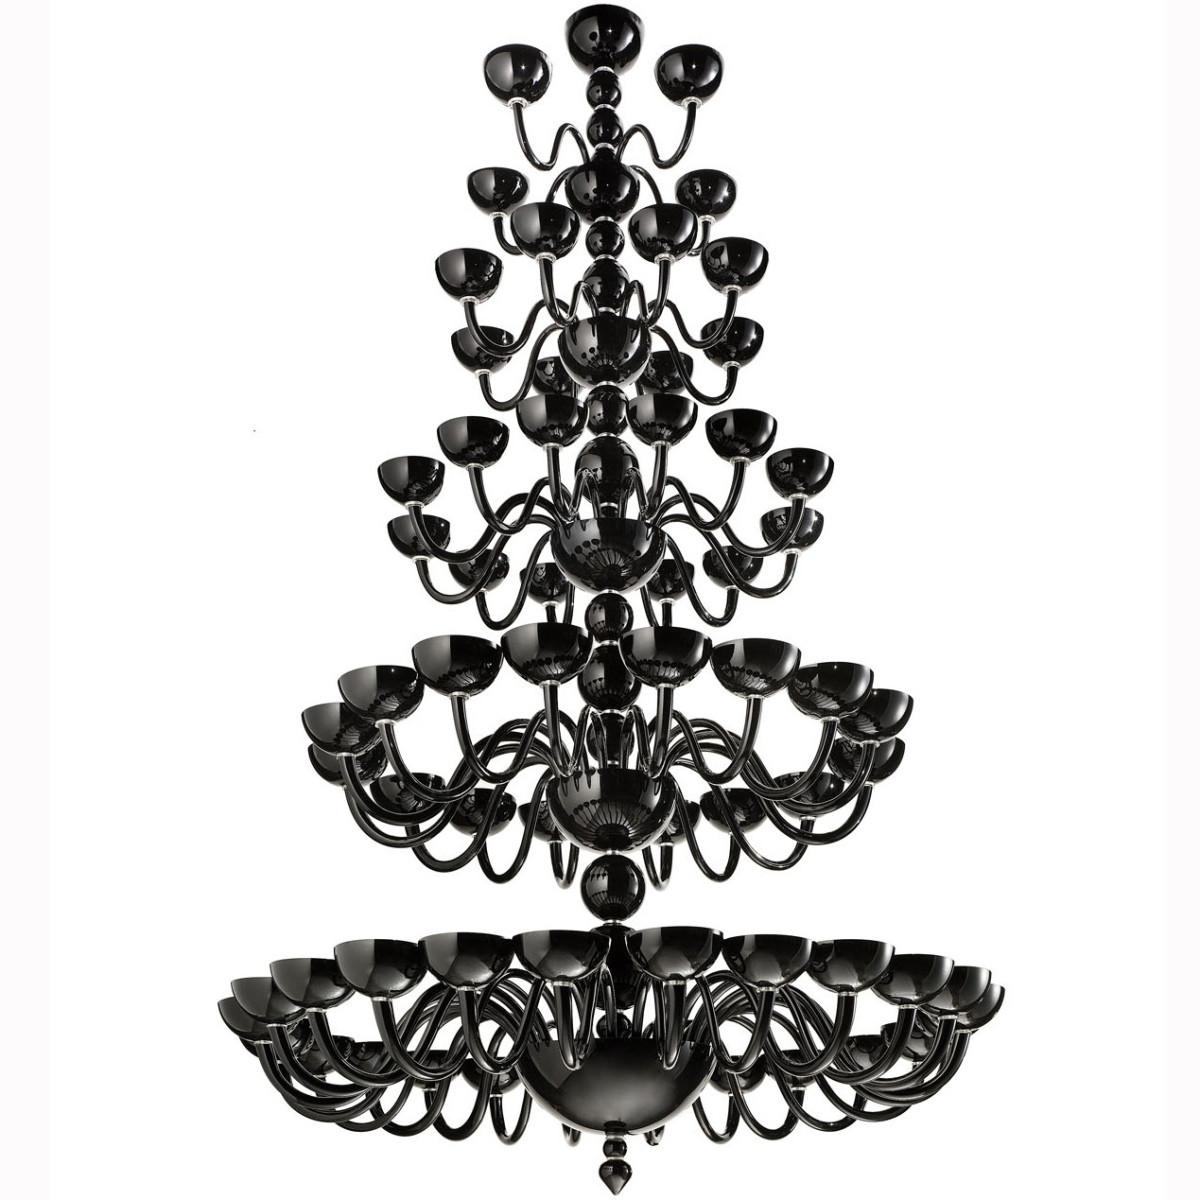 """""""Raffaello"""" lampara de cristal de Murano a cinco niveles - 64 luces - negra"""